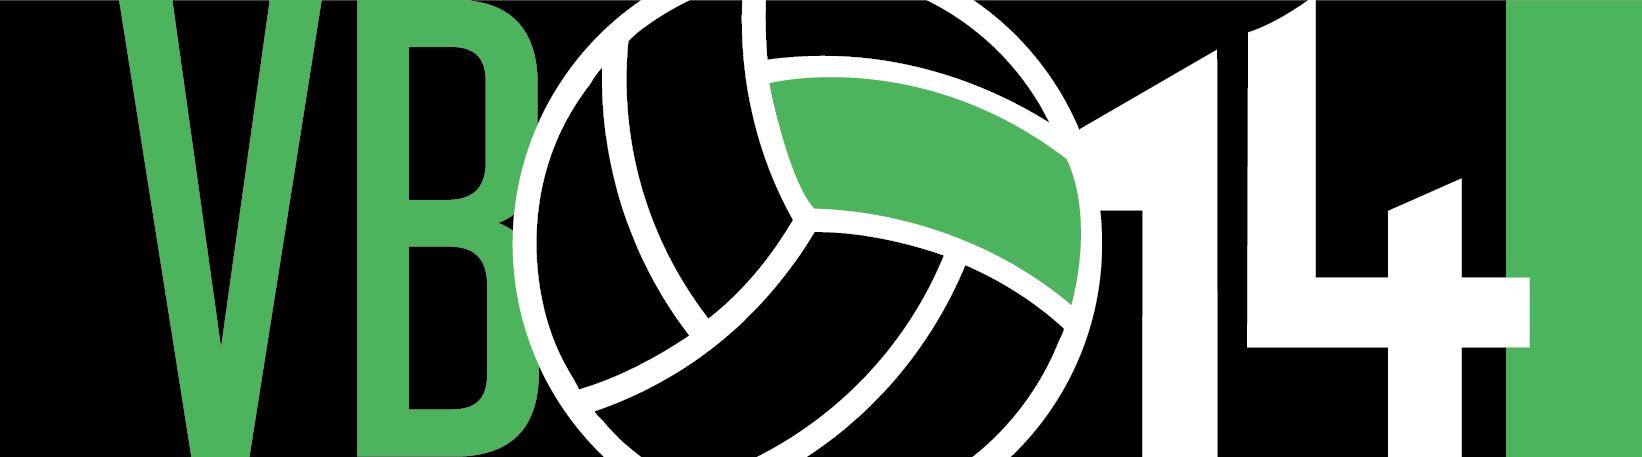 Logotype VB14